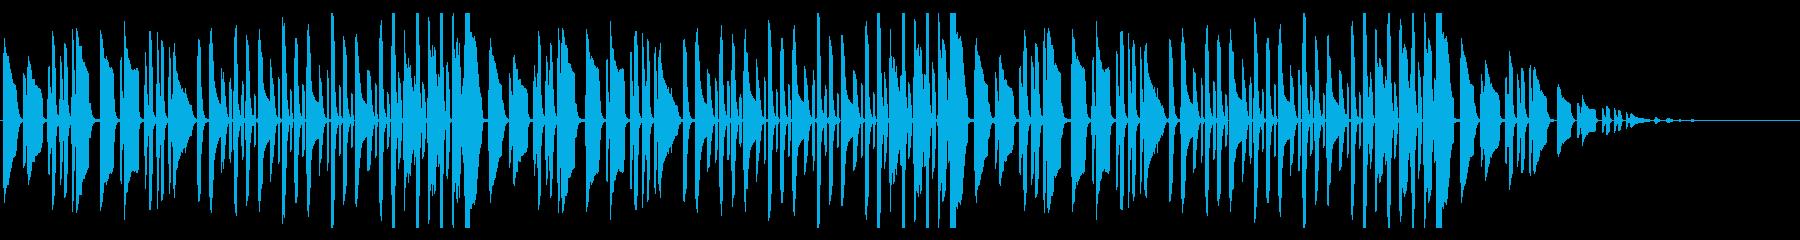 アイネクライネナハトムジーク脱力アレンジの再生済みの波形